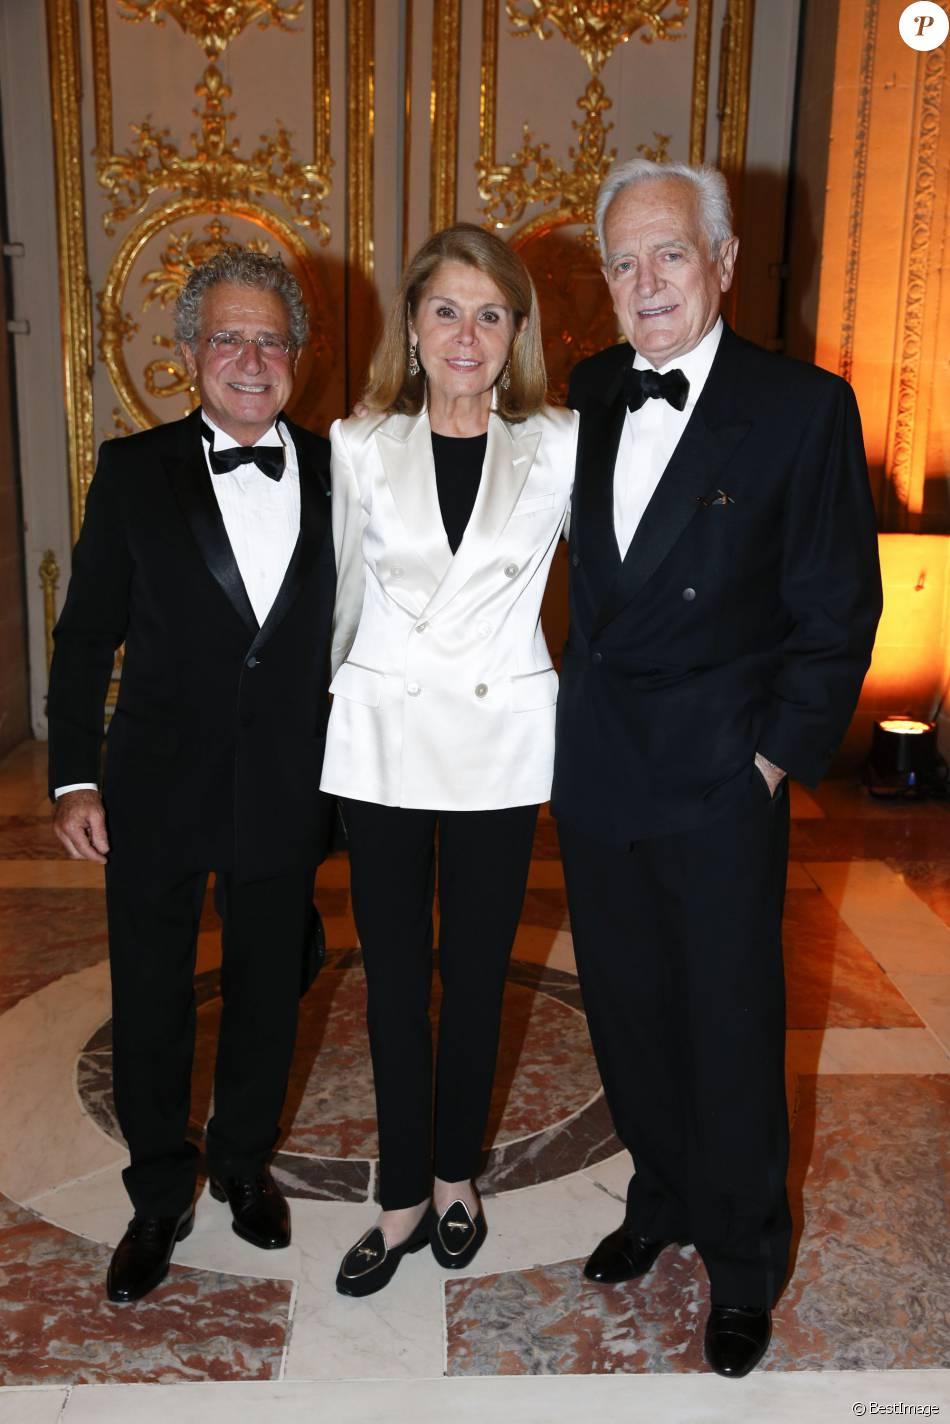 Laurent Dassault Et Philippe Labro Et Sa Femme Fran U00e7oise